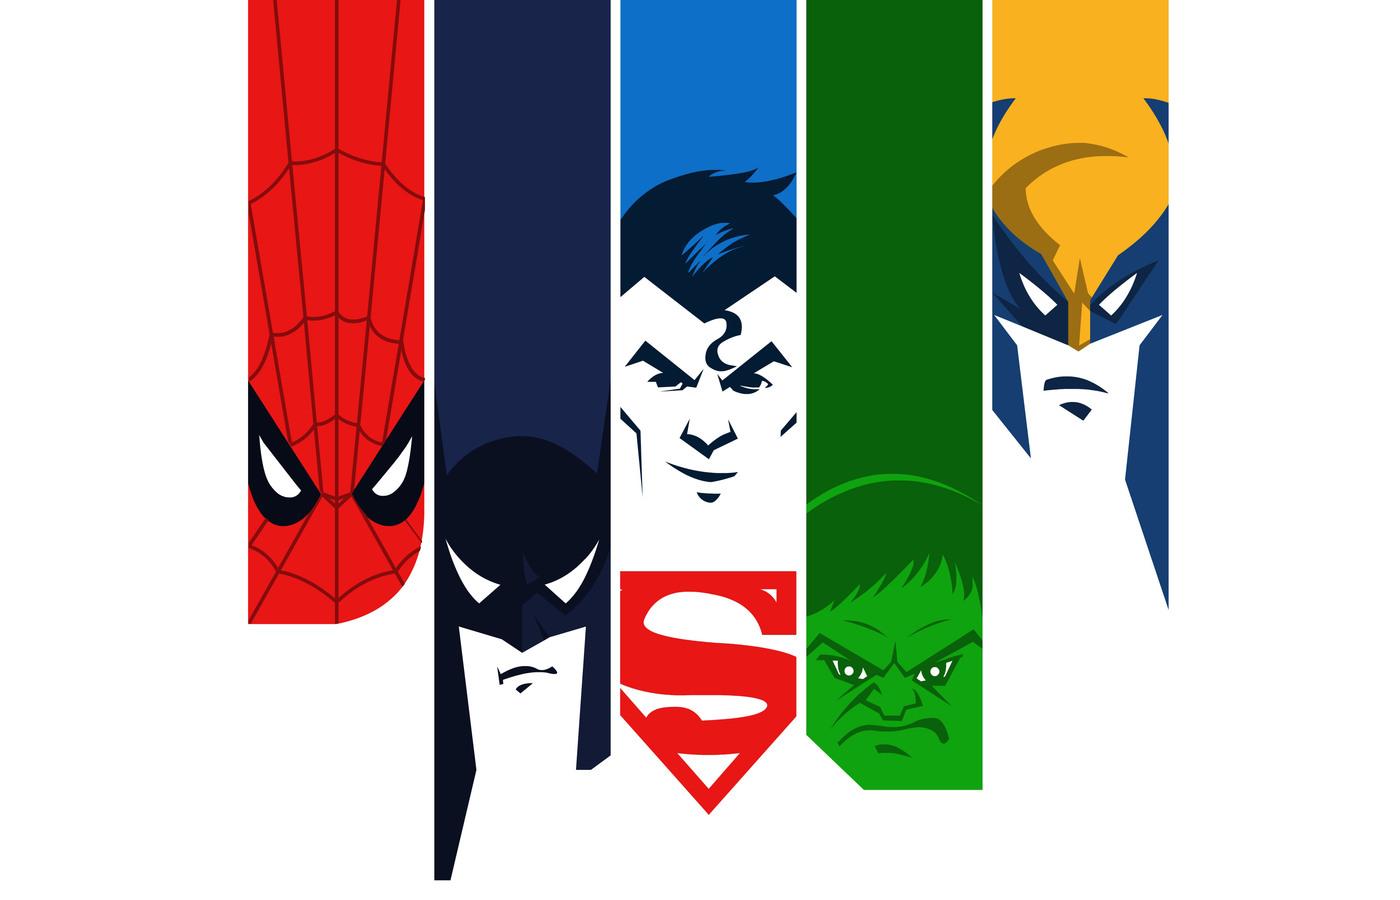 superman-batman-hulk-spiderman-wolverine-4k-minimalism-8l.jpg